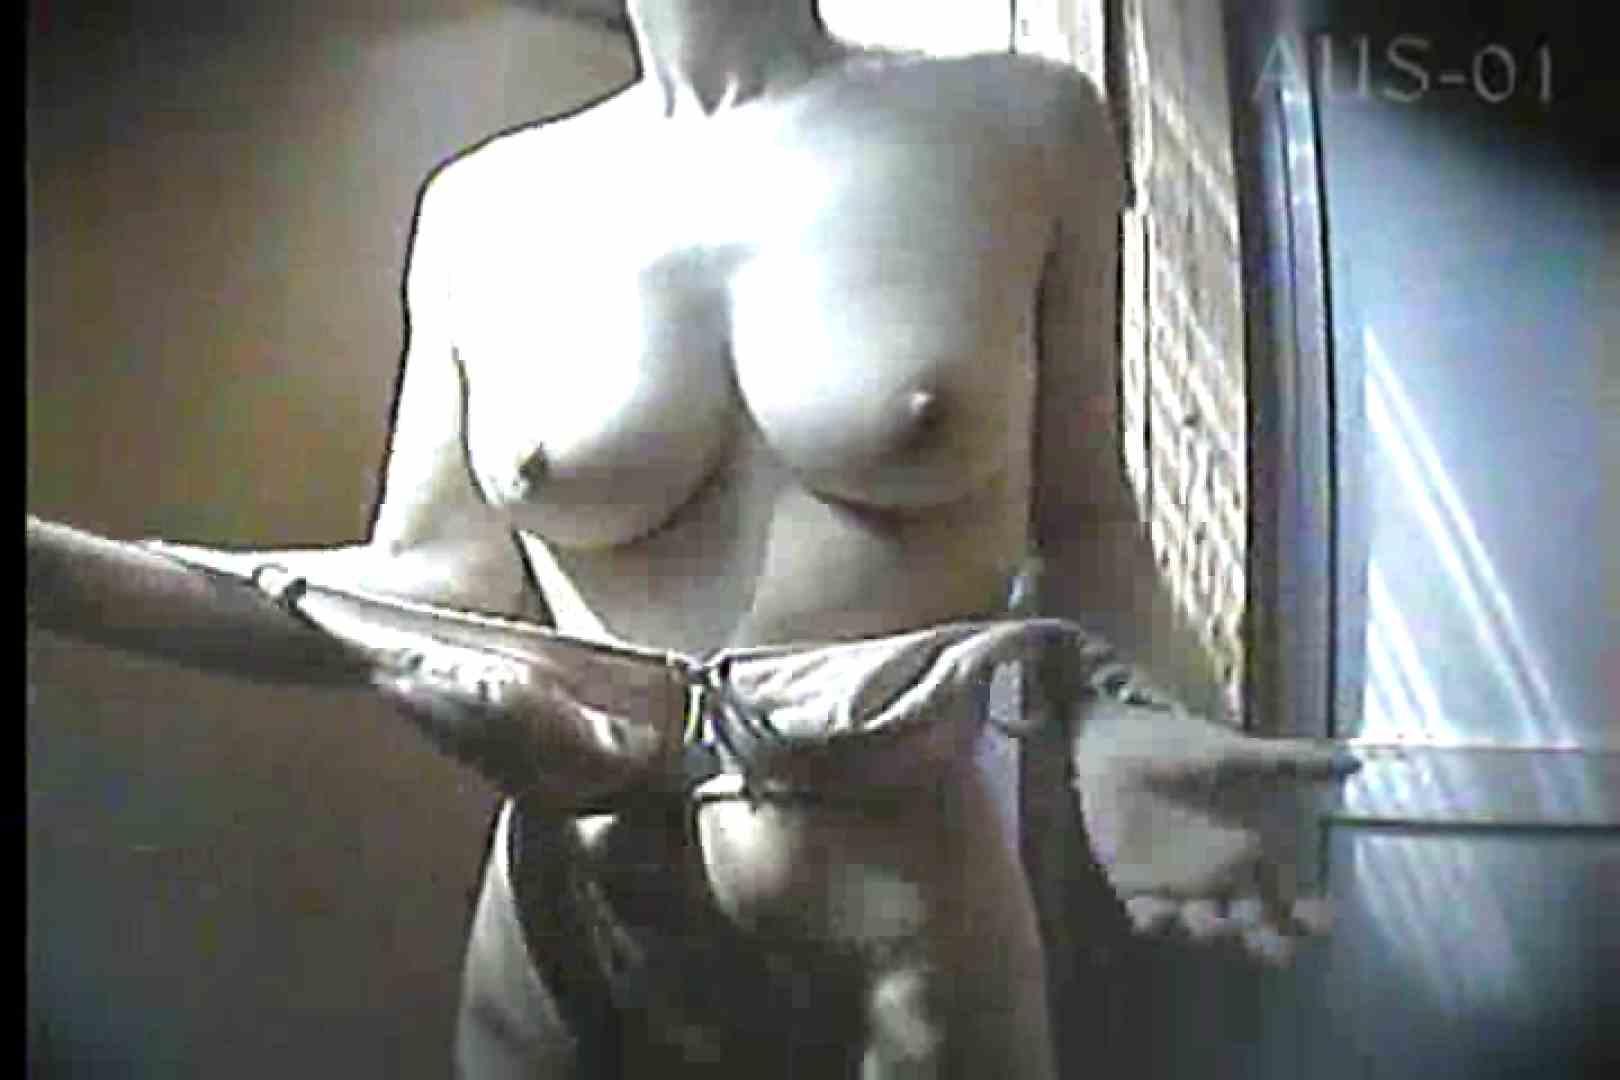 露天風呂脱衣所お着替え盗撮 Vol.01 盗撮映像大放出 | エッチすぎるOL達  53連発 31